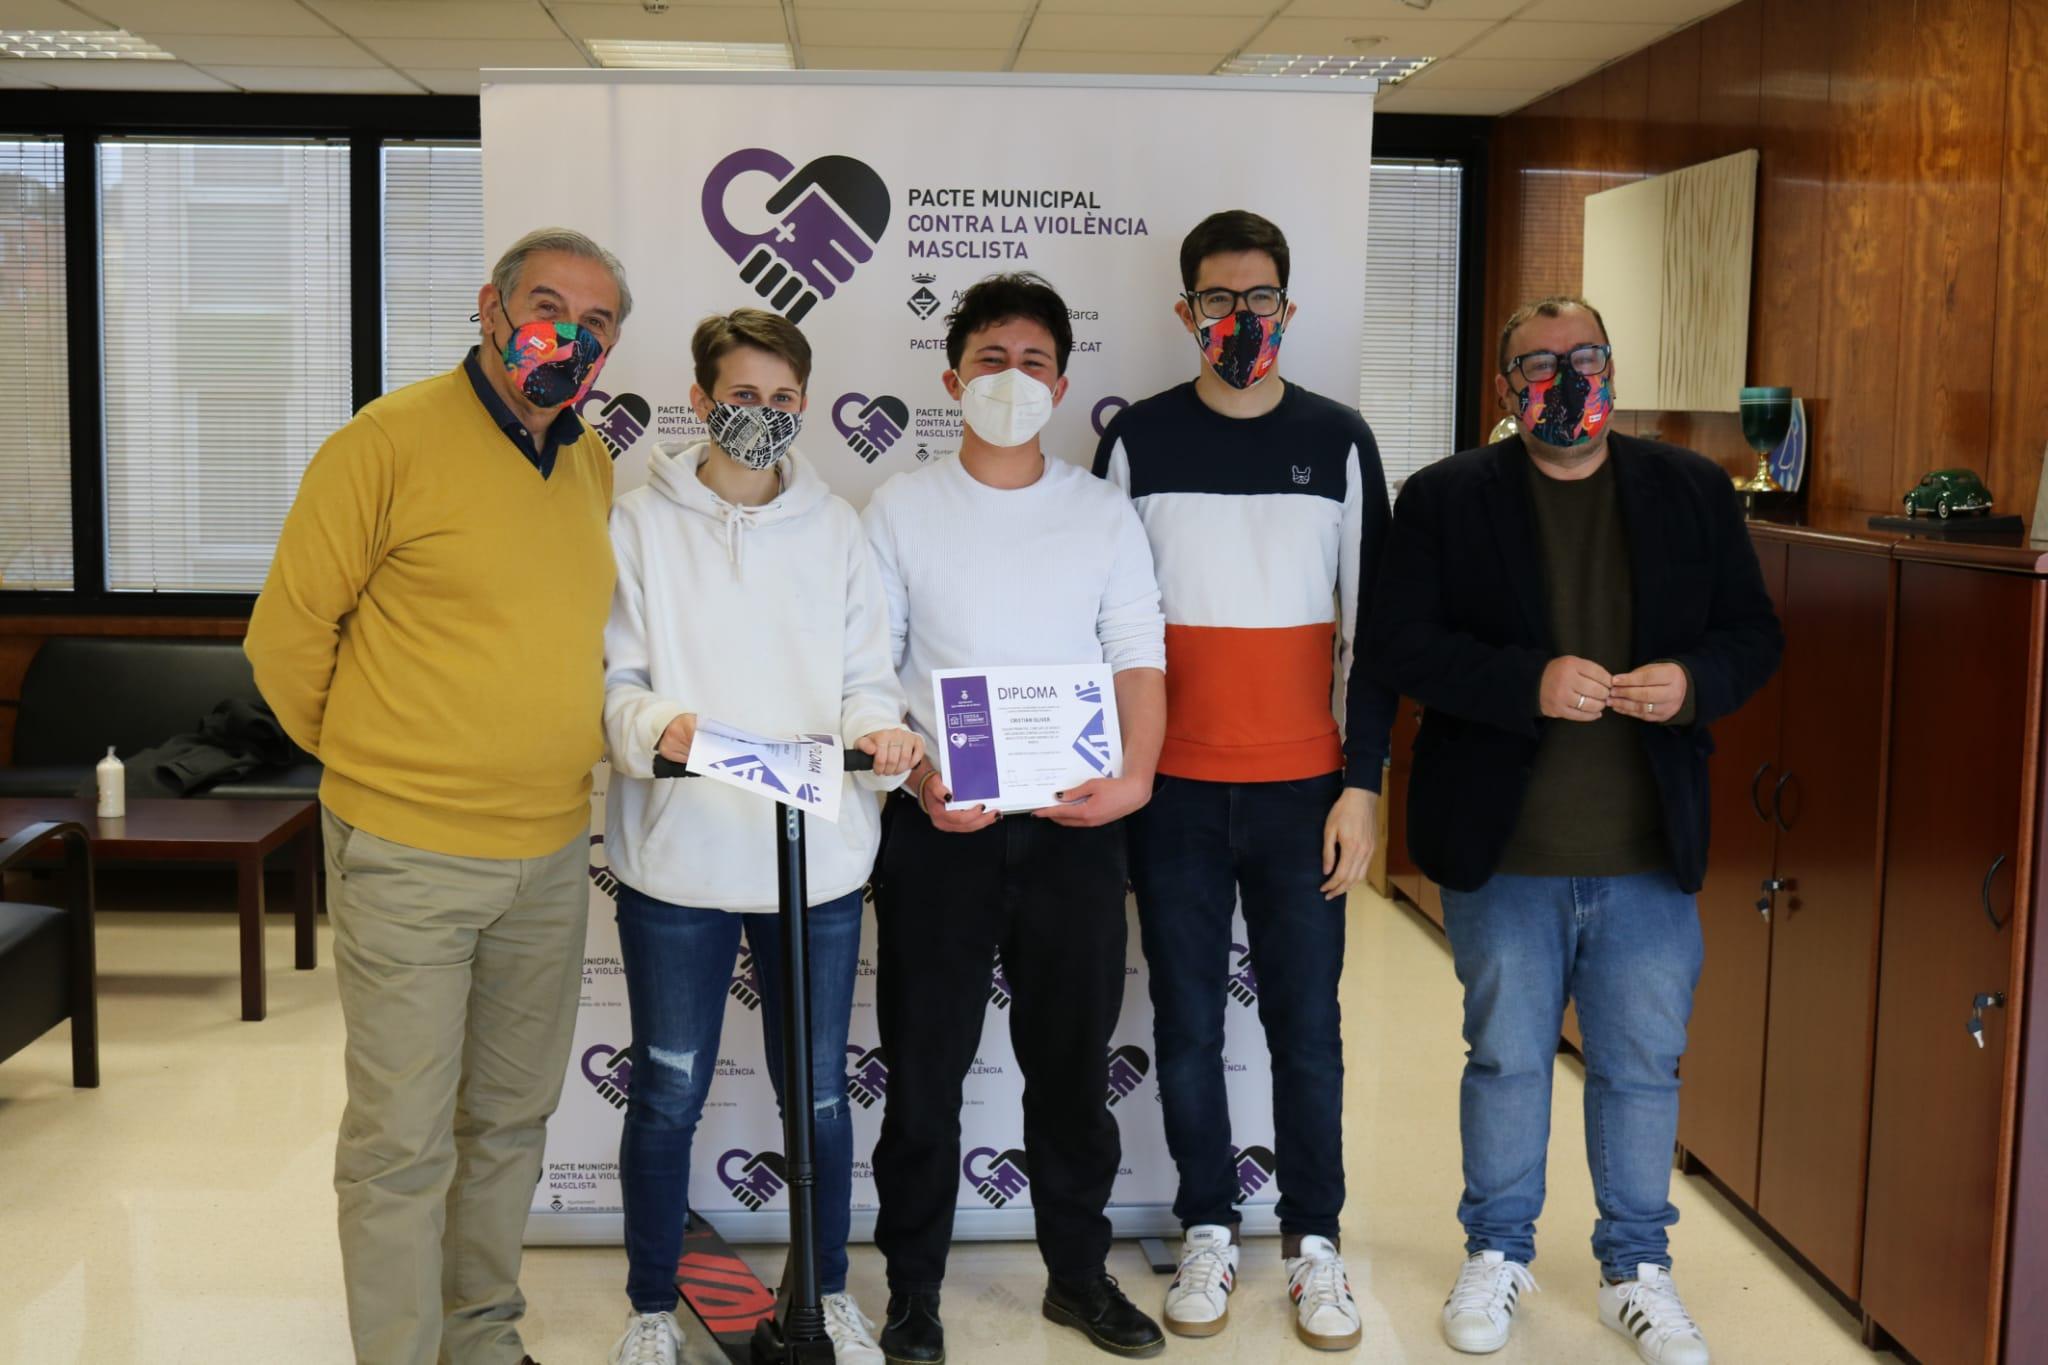 Els joves de Sant Andreu contribueixen a acabar amb la violència masclista